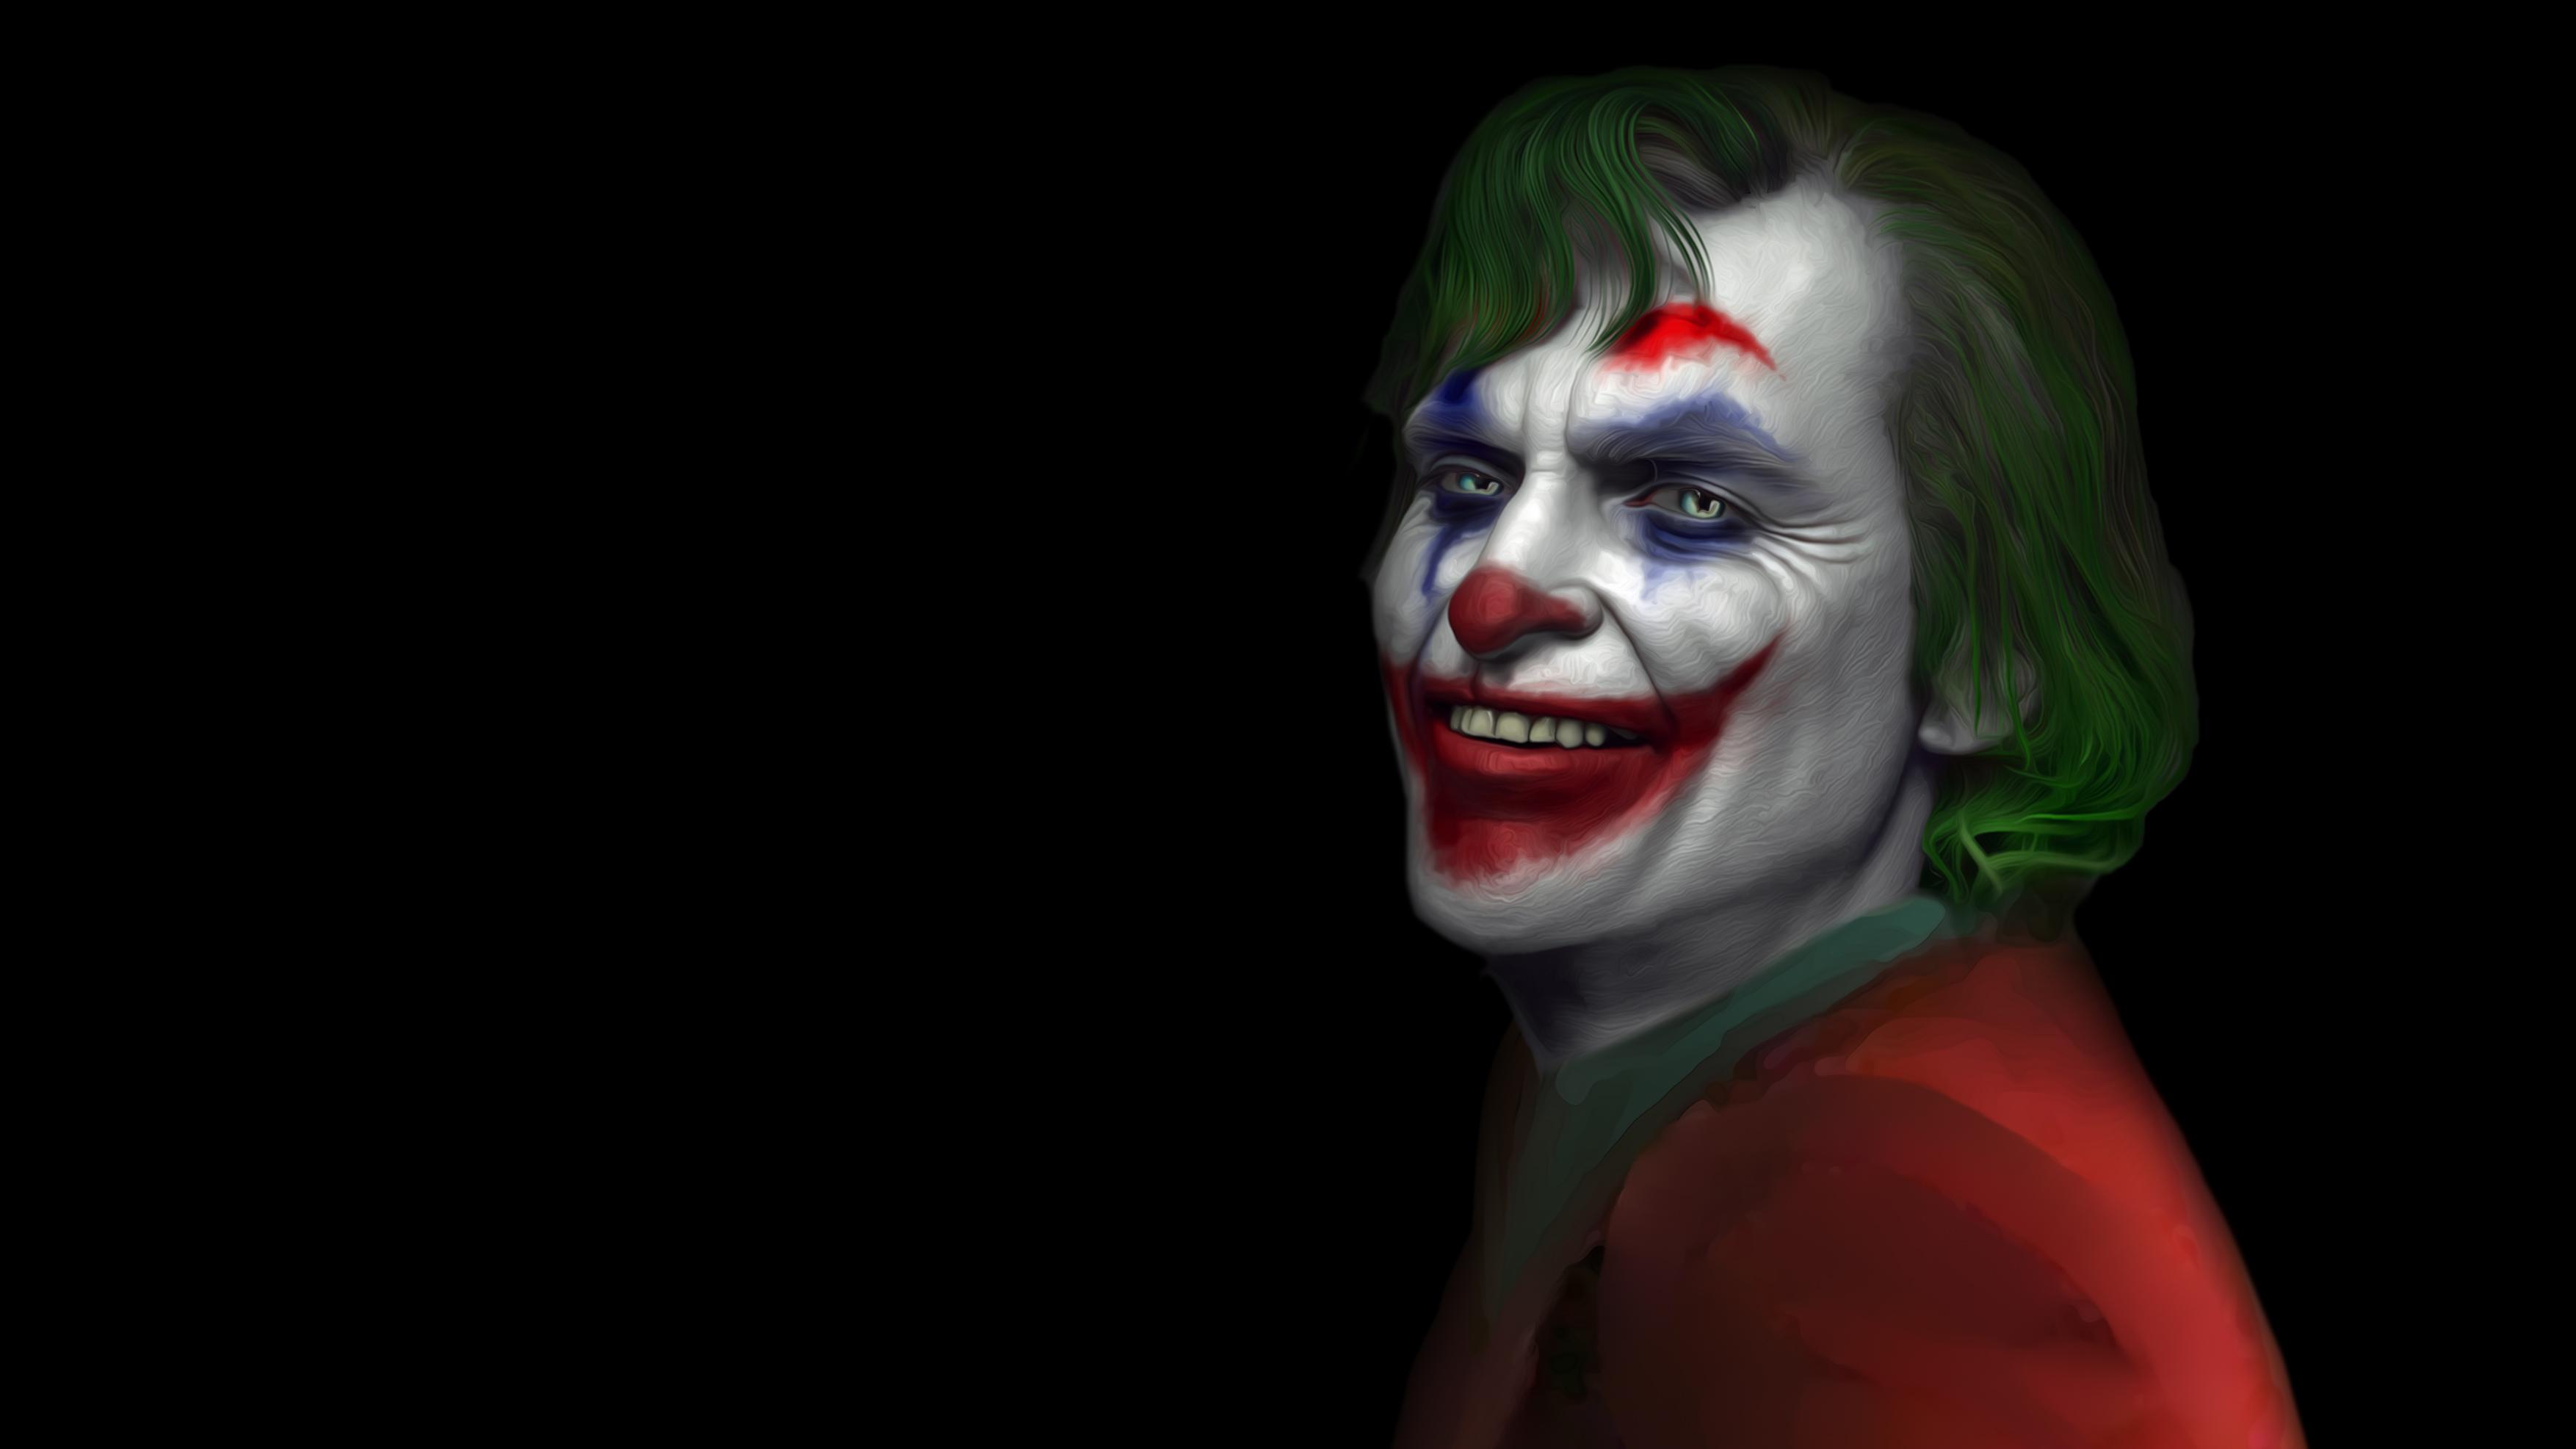 Joker Fond D Ecran Hd Arriere Plan 3508x1973 Id